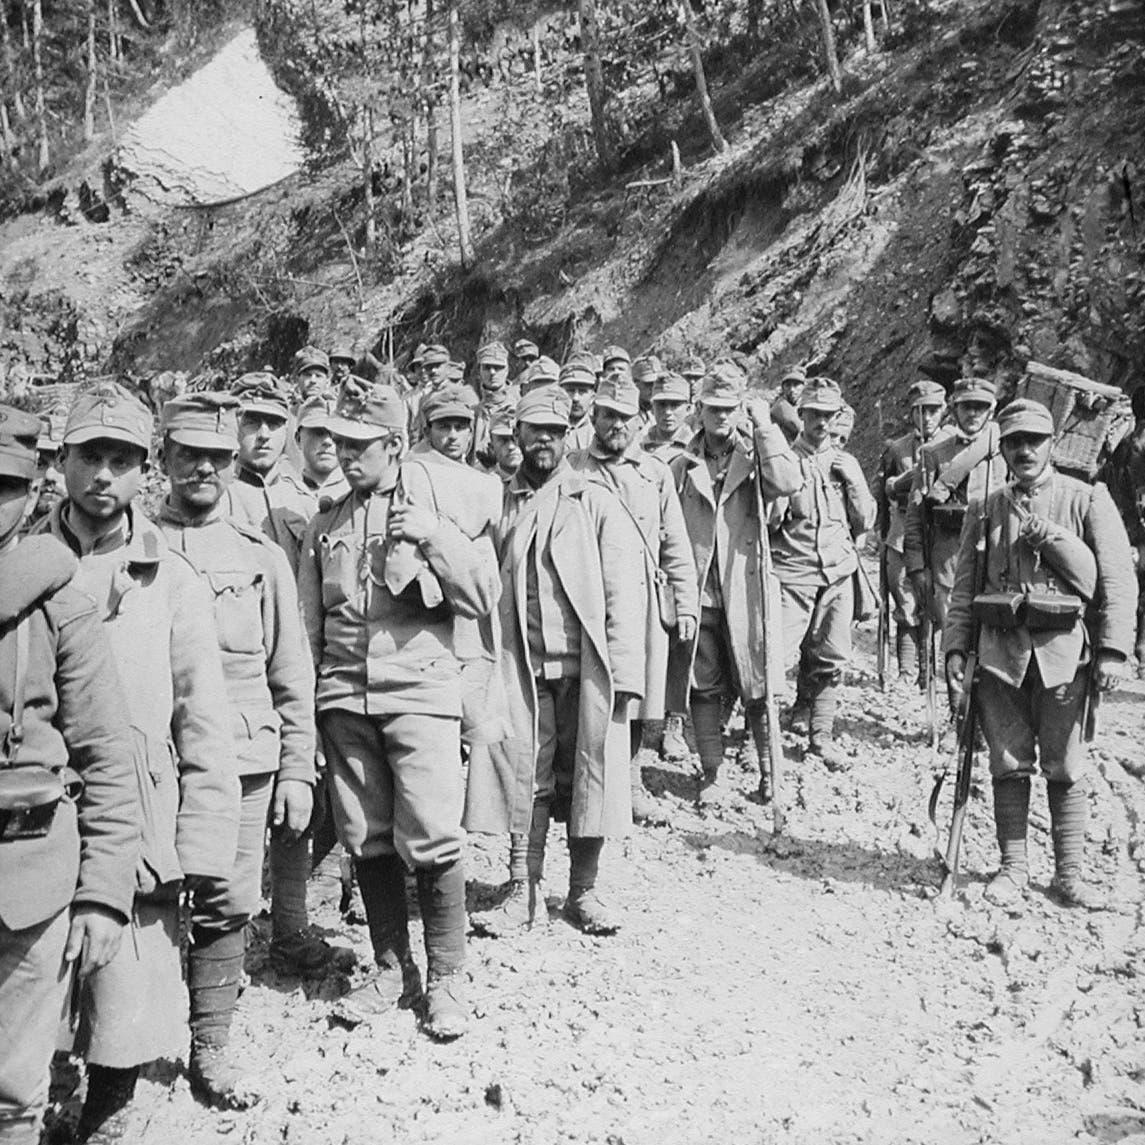 صورة لأسرى نمساويين بالحرب العالمية الأولى